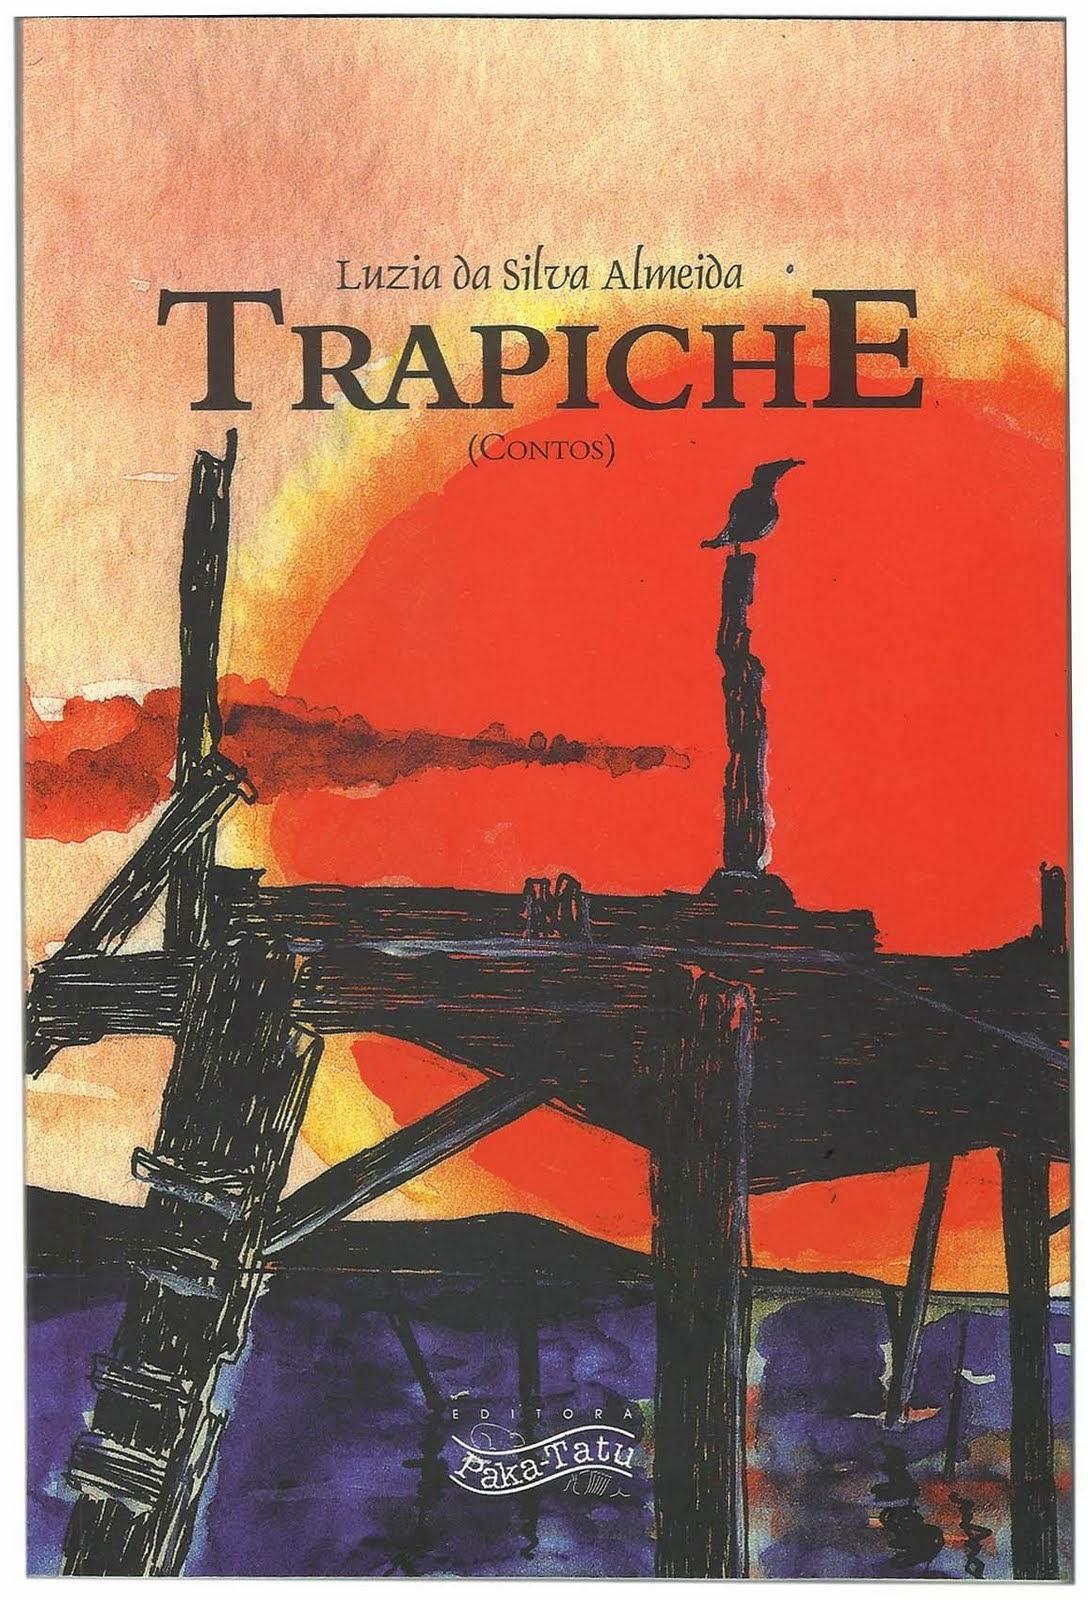 Trapiche - 2011